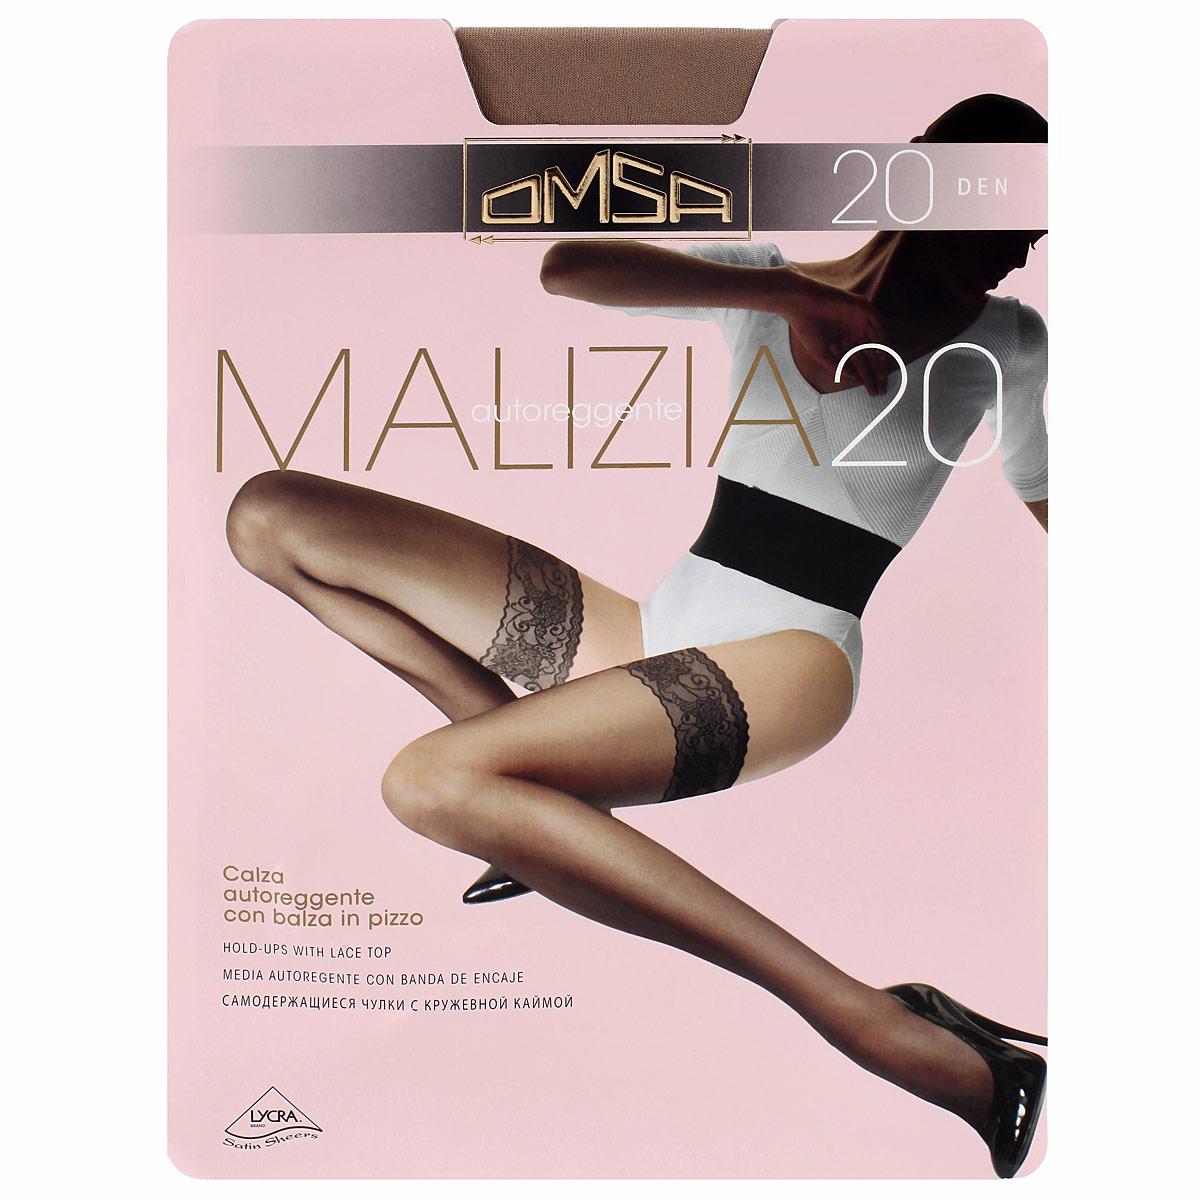 ЧулкиMalizia 20_BiancoЧулки с элегантной фиксирующей резинкой на силиконовой основе и незаметным усиленным носком. Плотность: 20 ден.